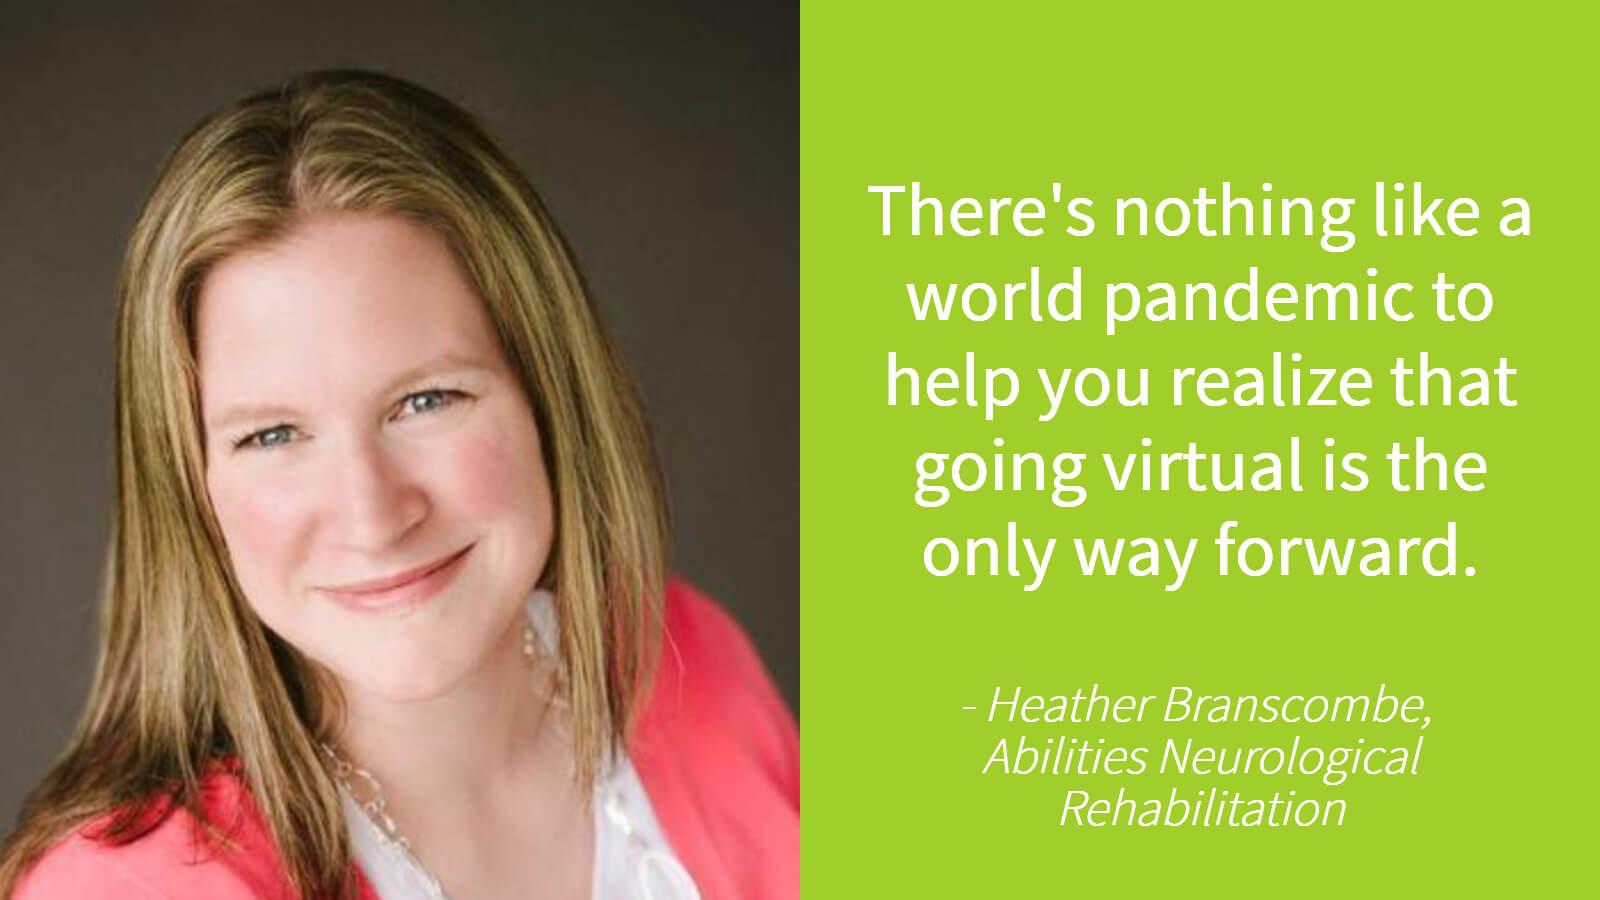 Heather Branscombe